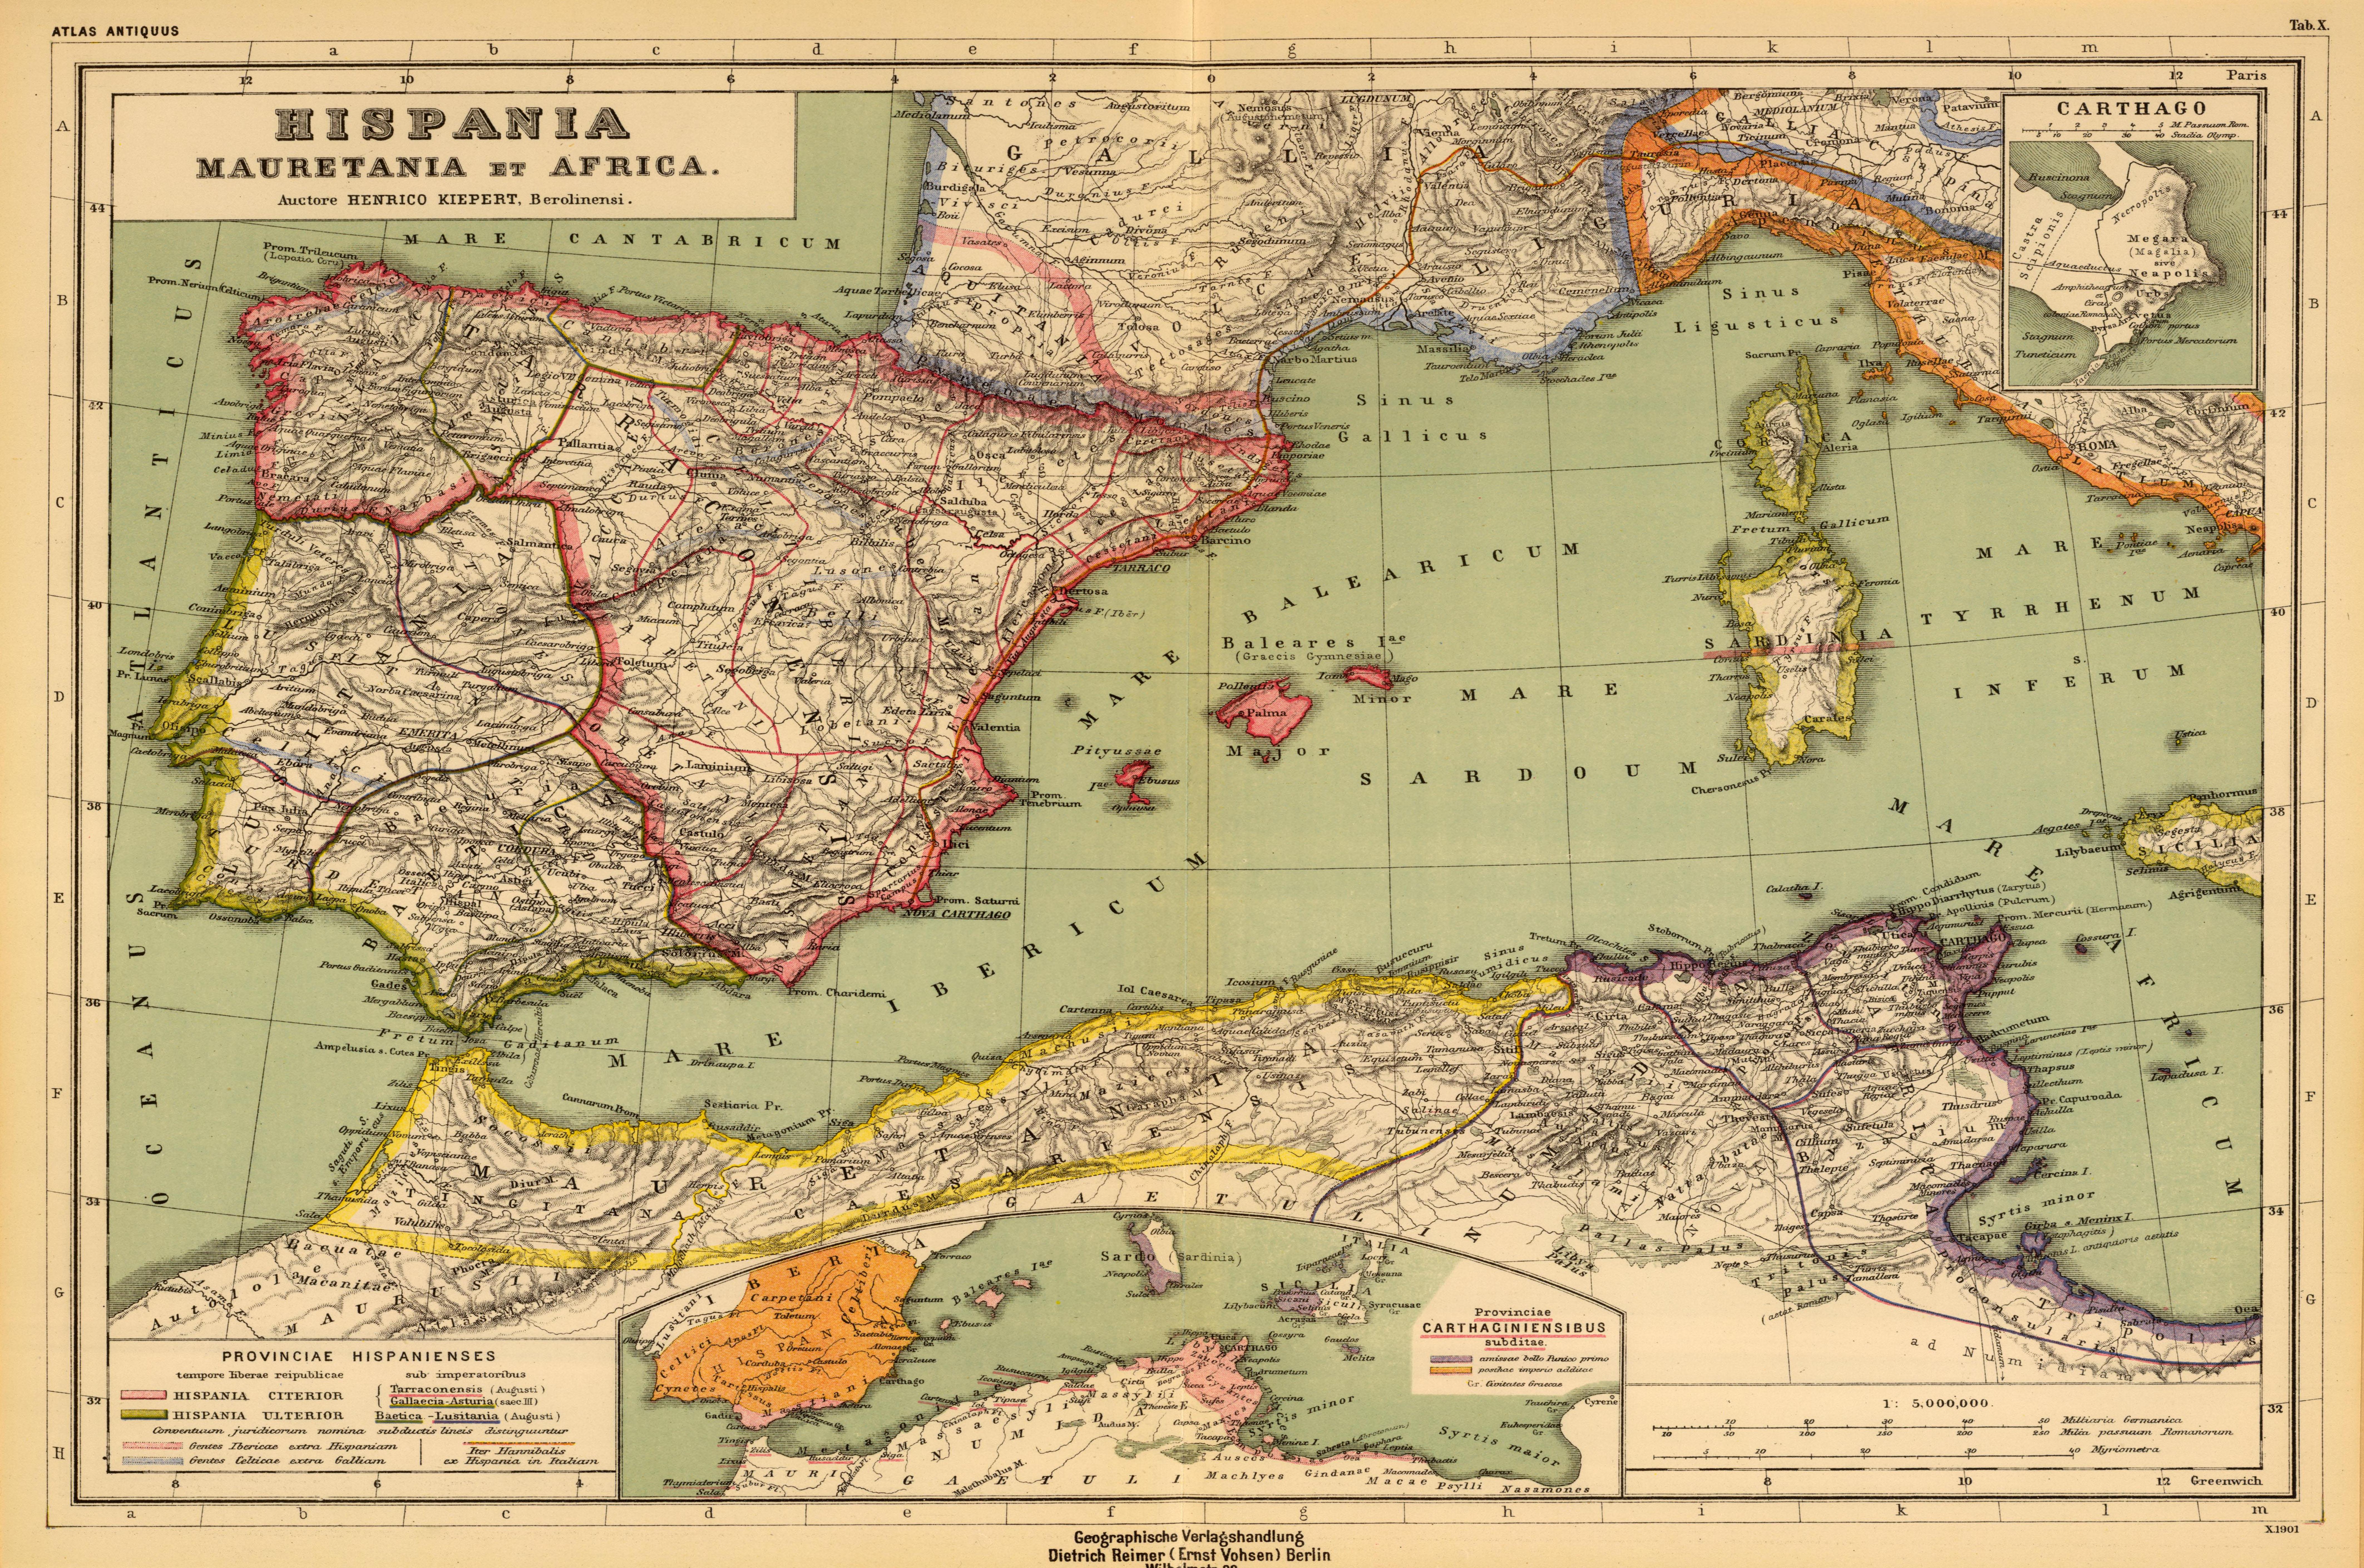 Heinrich_Kiepert._Hispania,_Mauretania_et_Africa